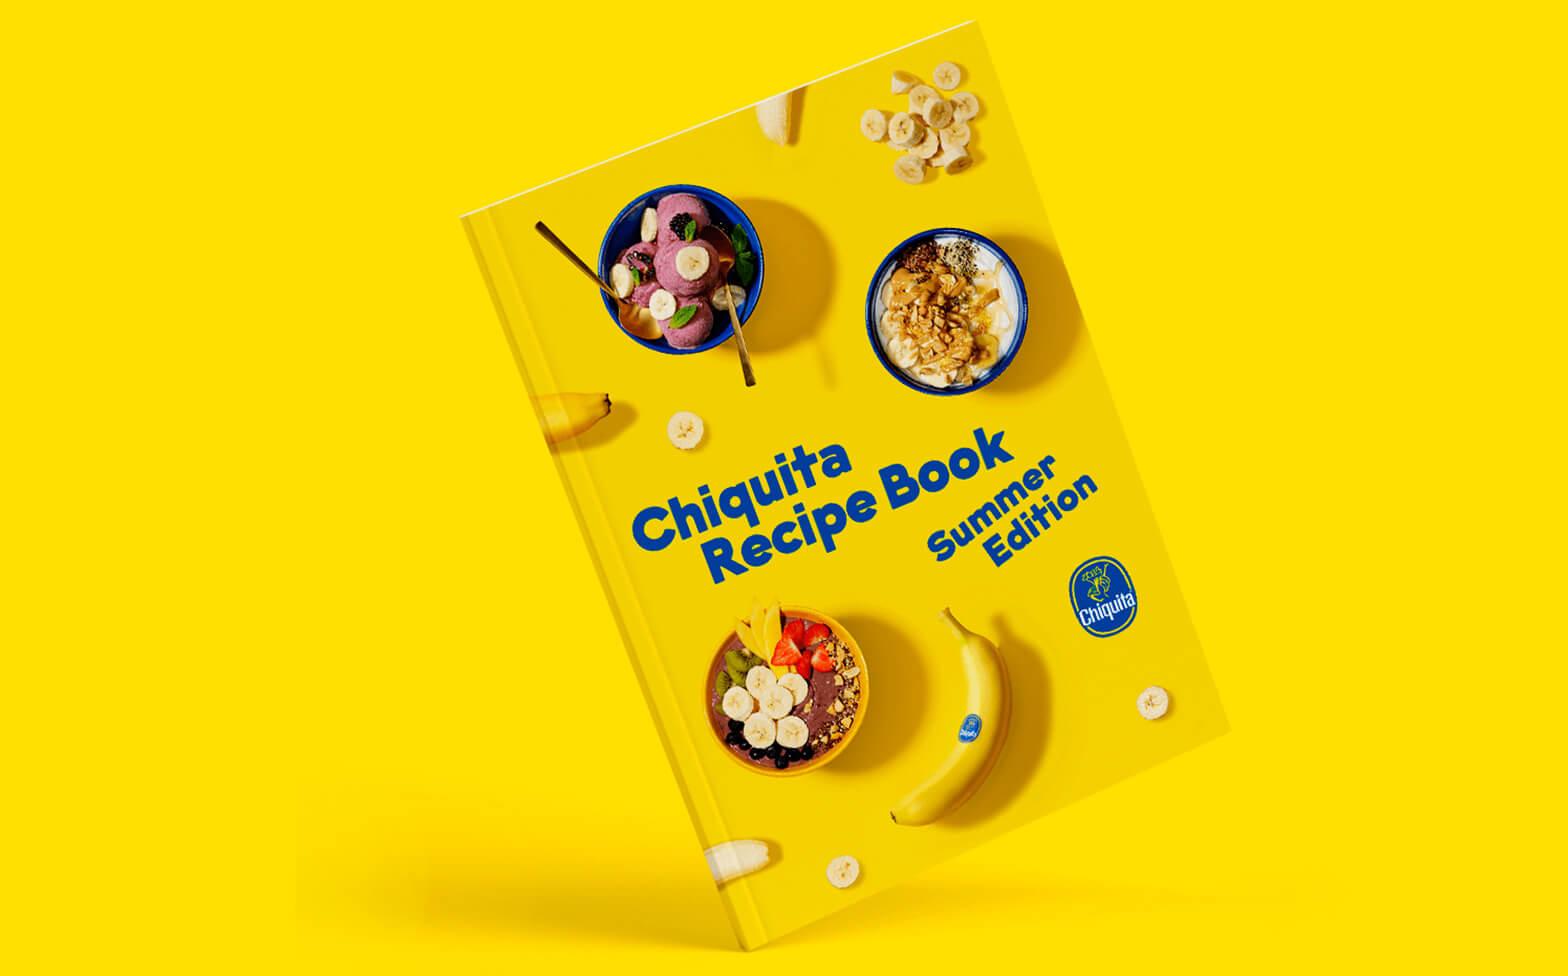 Chiquita livre de recettes pour l'été